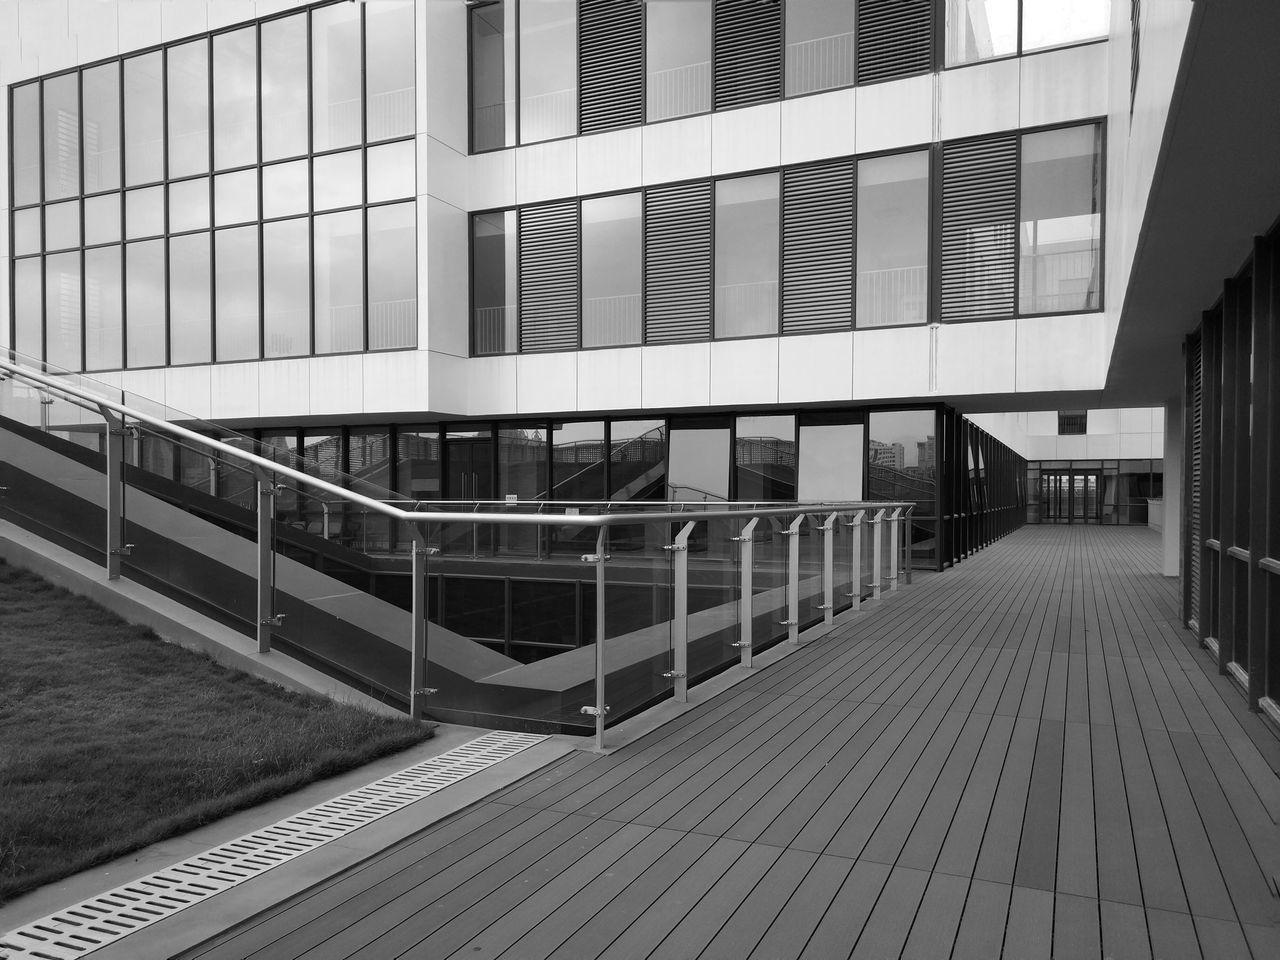 线条与框架 Architecture Built Structure Building Exterior Railing Modern Day No People Outdoors City Sky